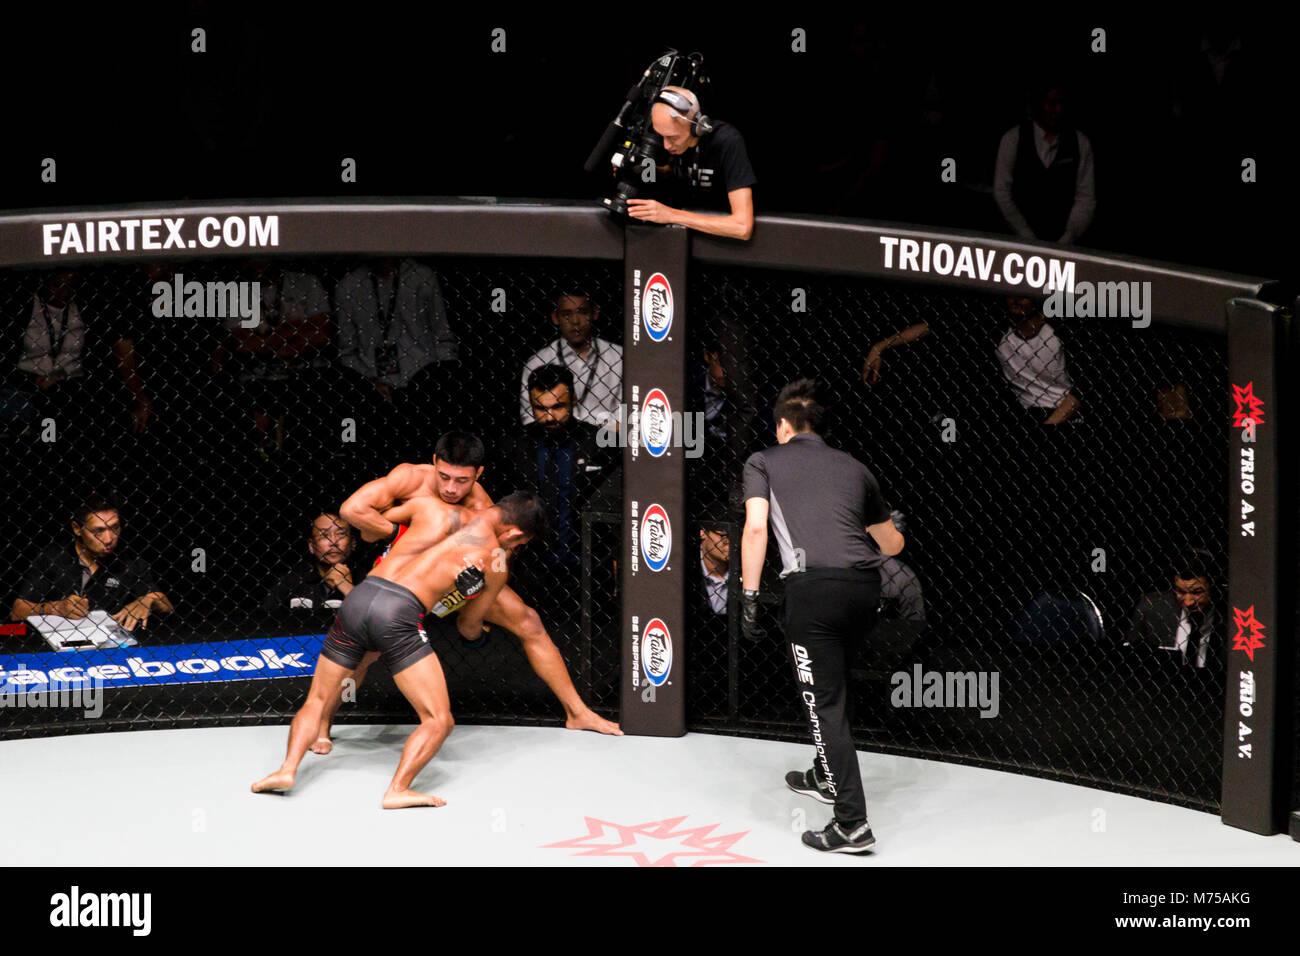 Bangkok, Thailand. - Januar 17, 2018: Unbekannter Boxer Kämpfen in Cage ring extreme Sport Mixed Martial Arts (MMA) Gleiches an einer Meisterschaft Stockfoto